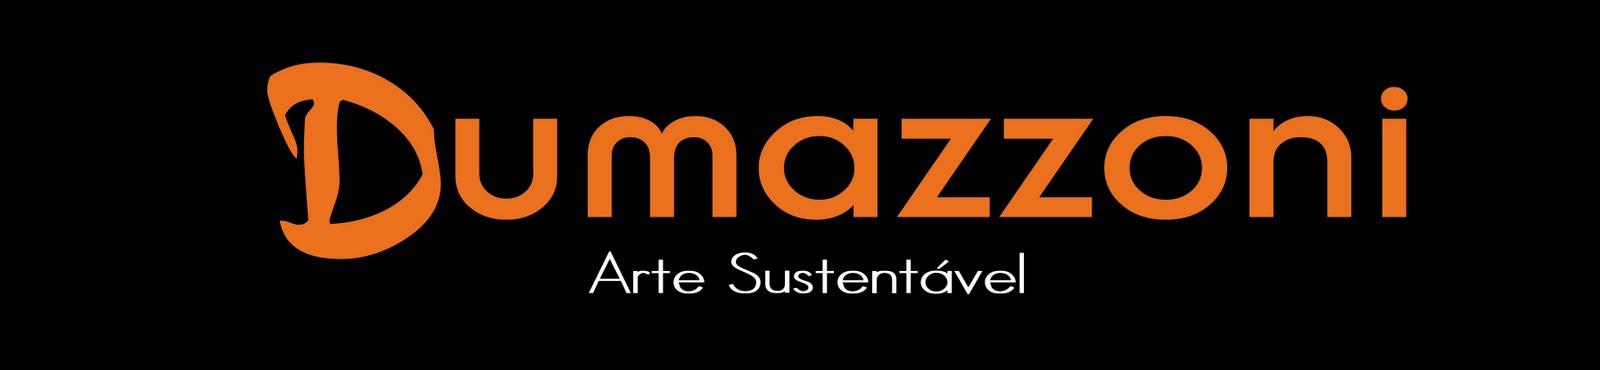 <center><big>Dumazzoni</big><br>Arte Sustentável</center>